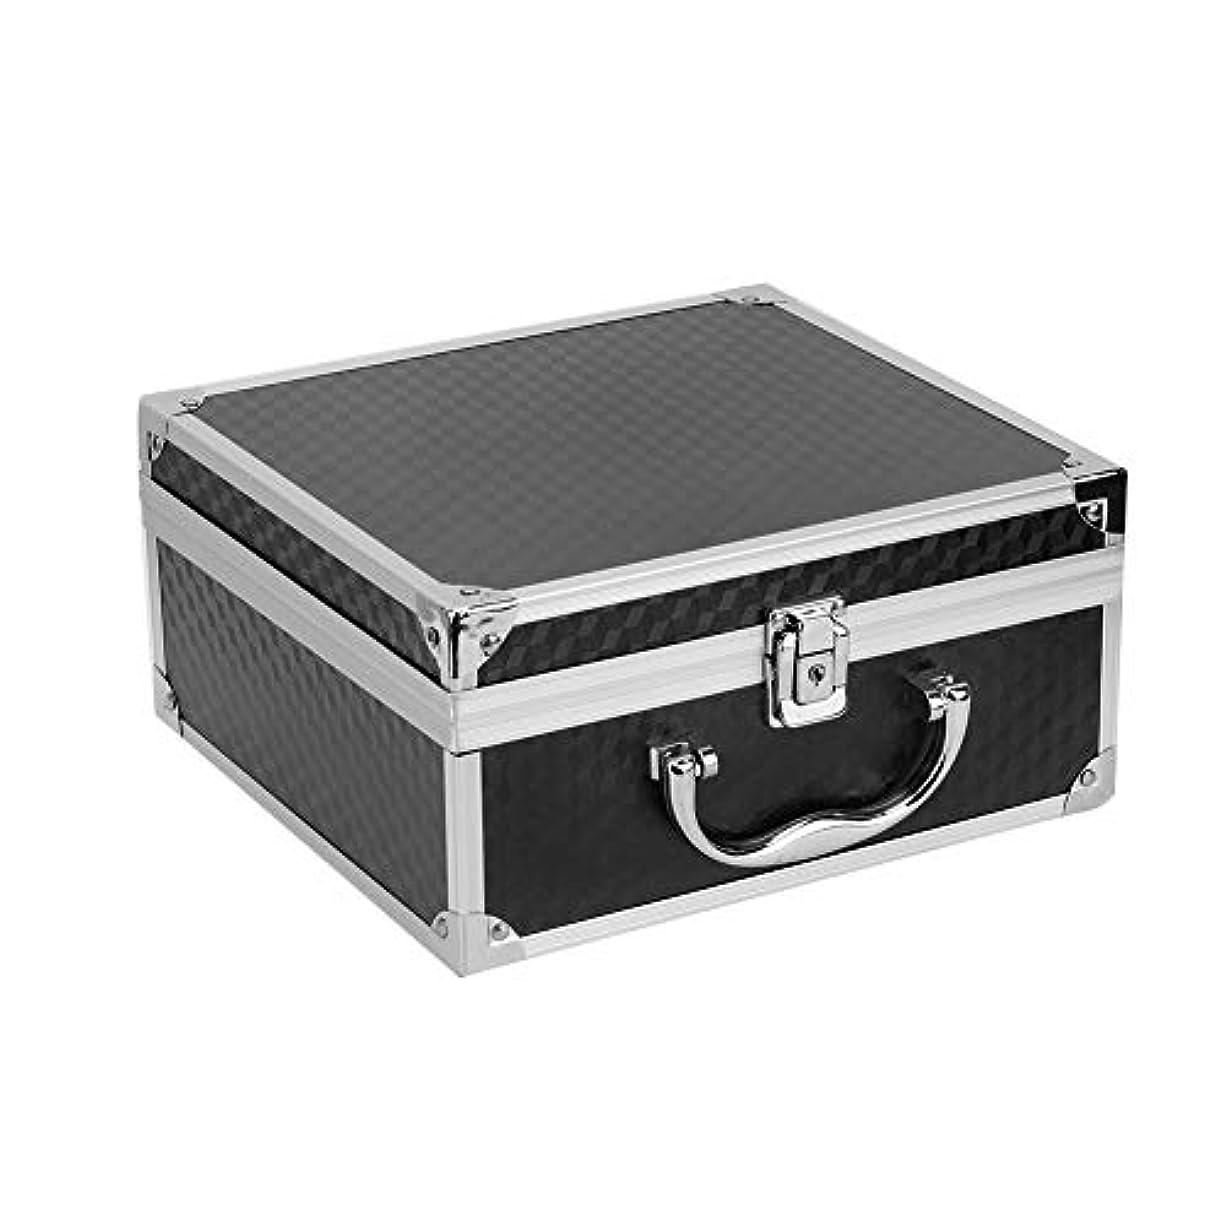 フェデレーション廃棄降雨アルミ合金の入れ墨機械箱、専門の大きい入れ墨の箱入れ墨のキット箱、ロックが付いている化粧品の収納ケースのオルガナイザーの貯蔵の供給(黒)